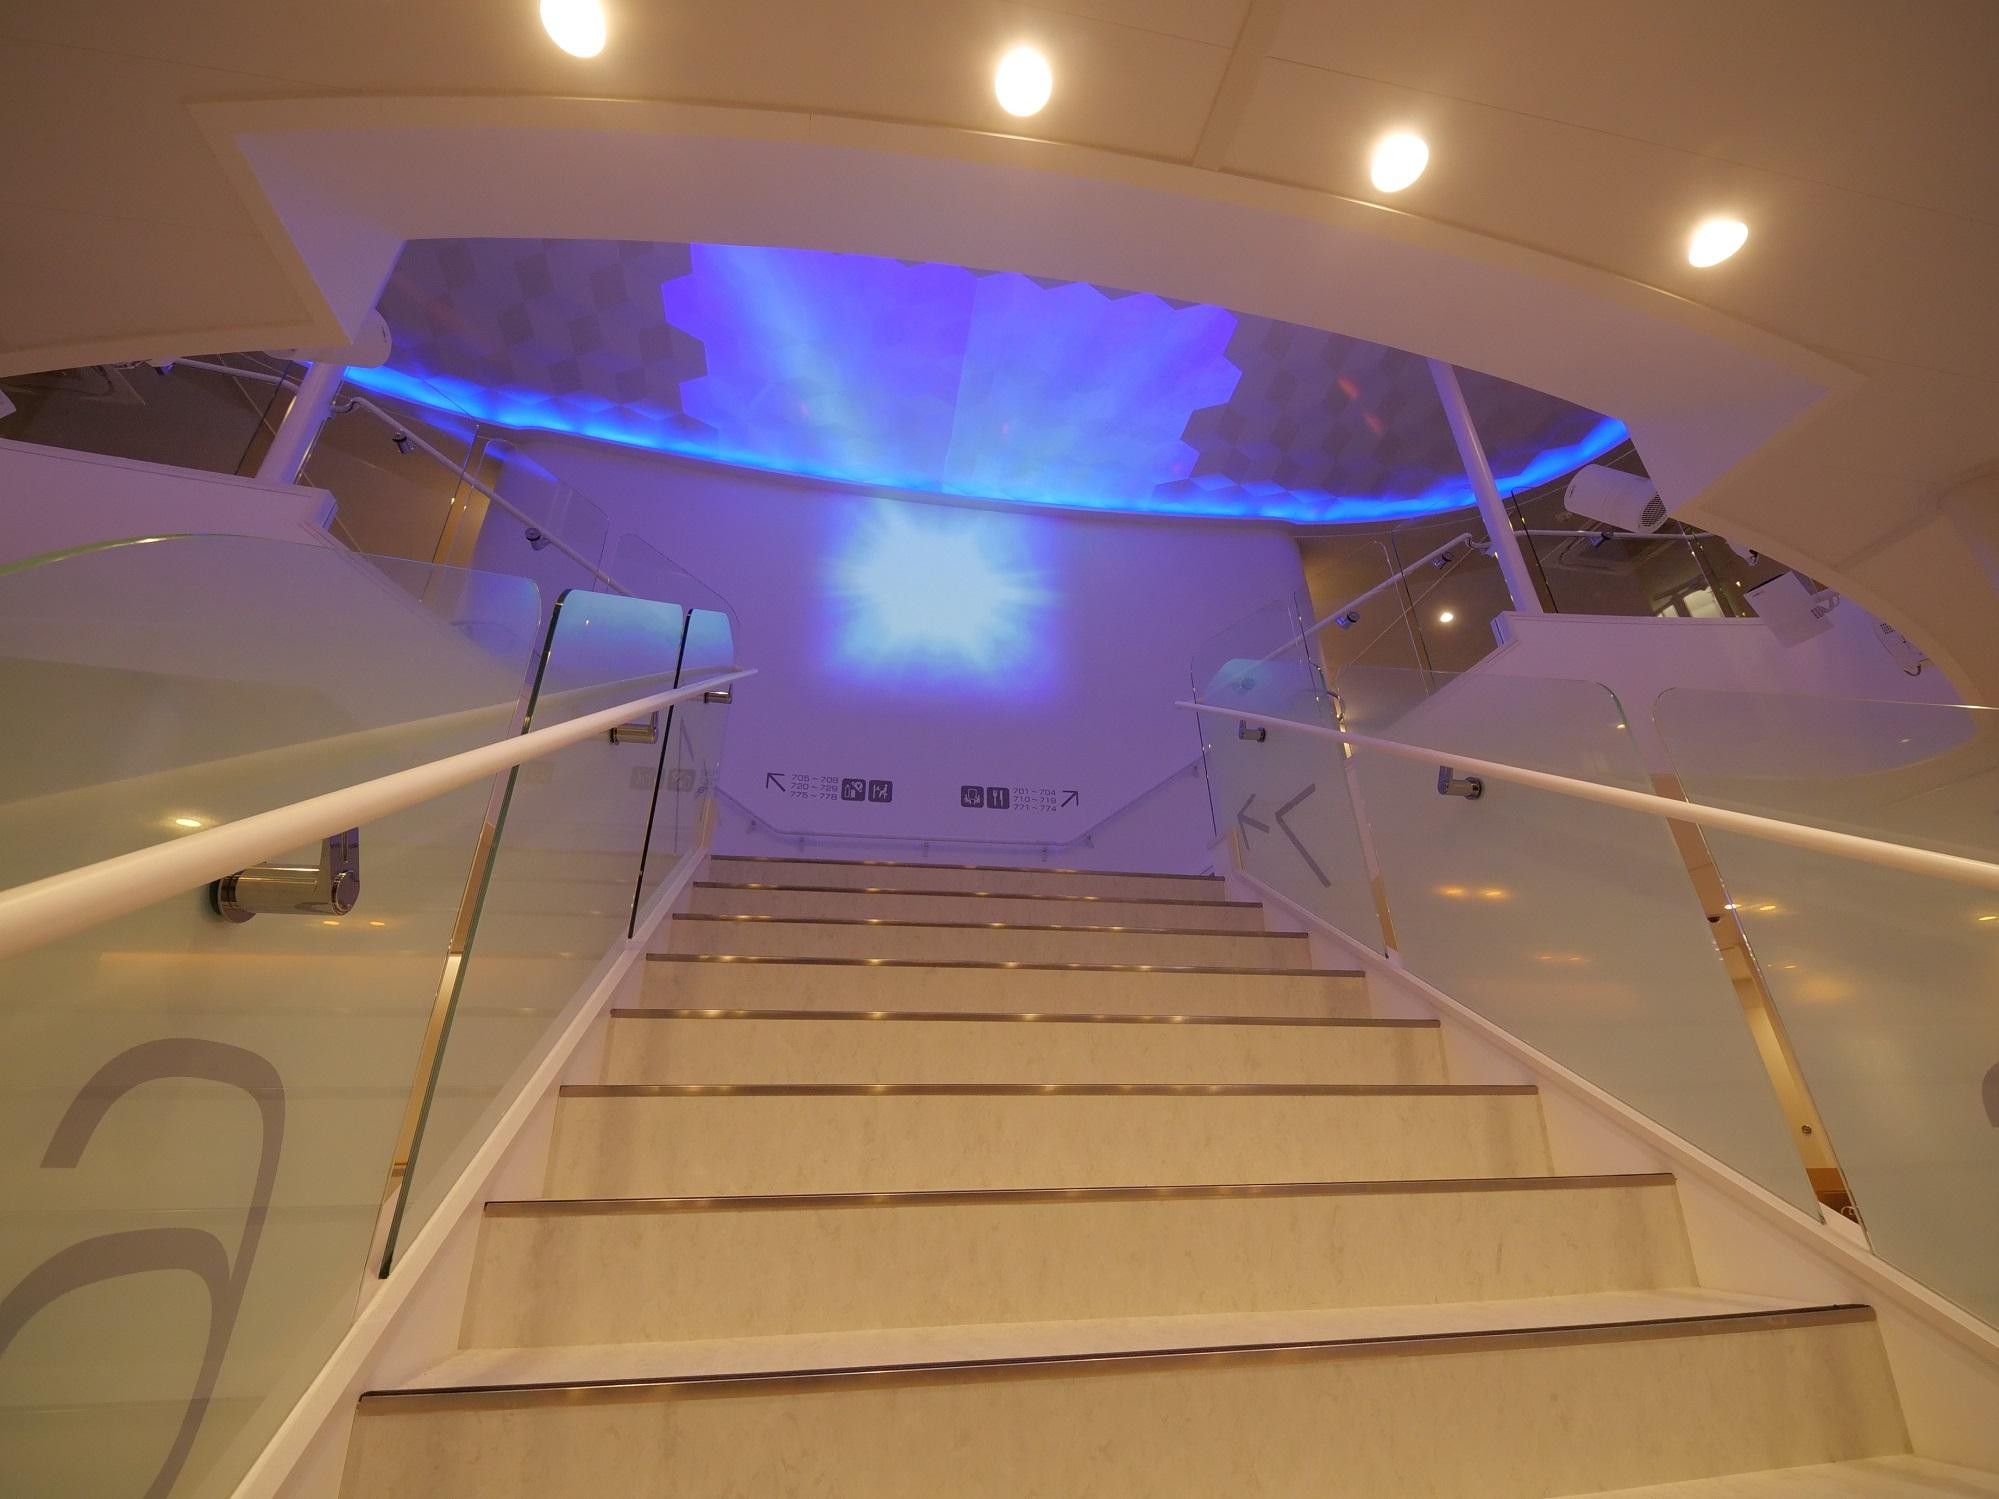 中央階段(太平洋フェリー 新造船ニュー「きたかみ」)